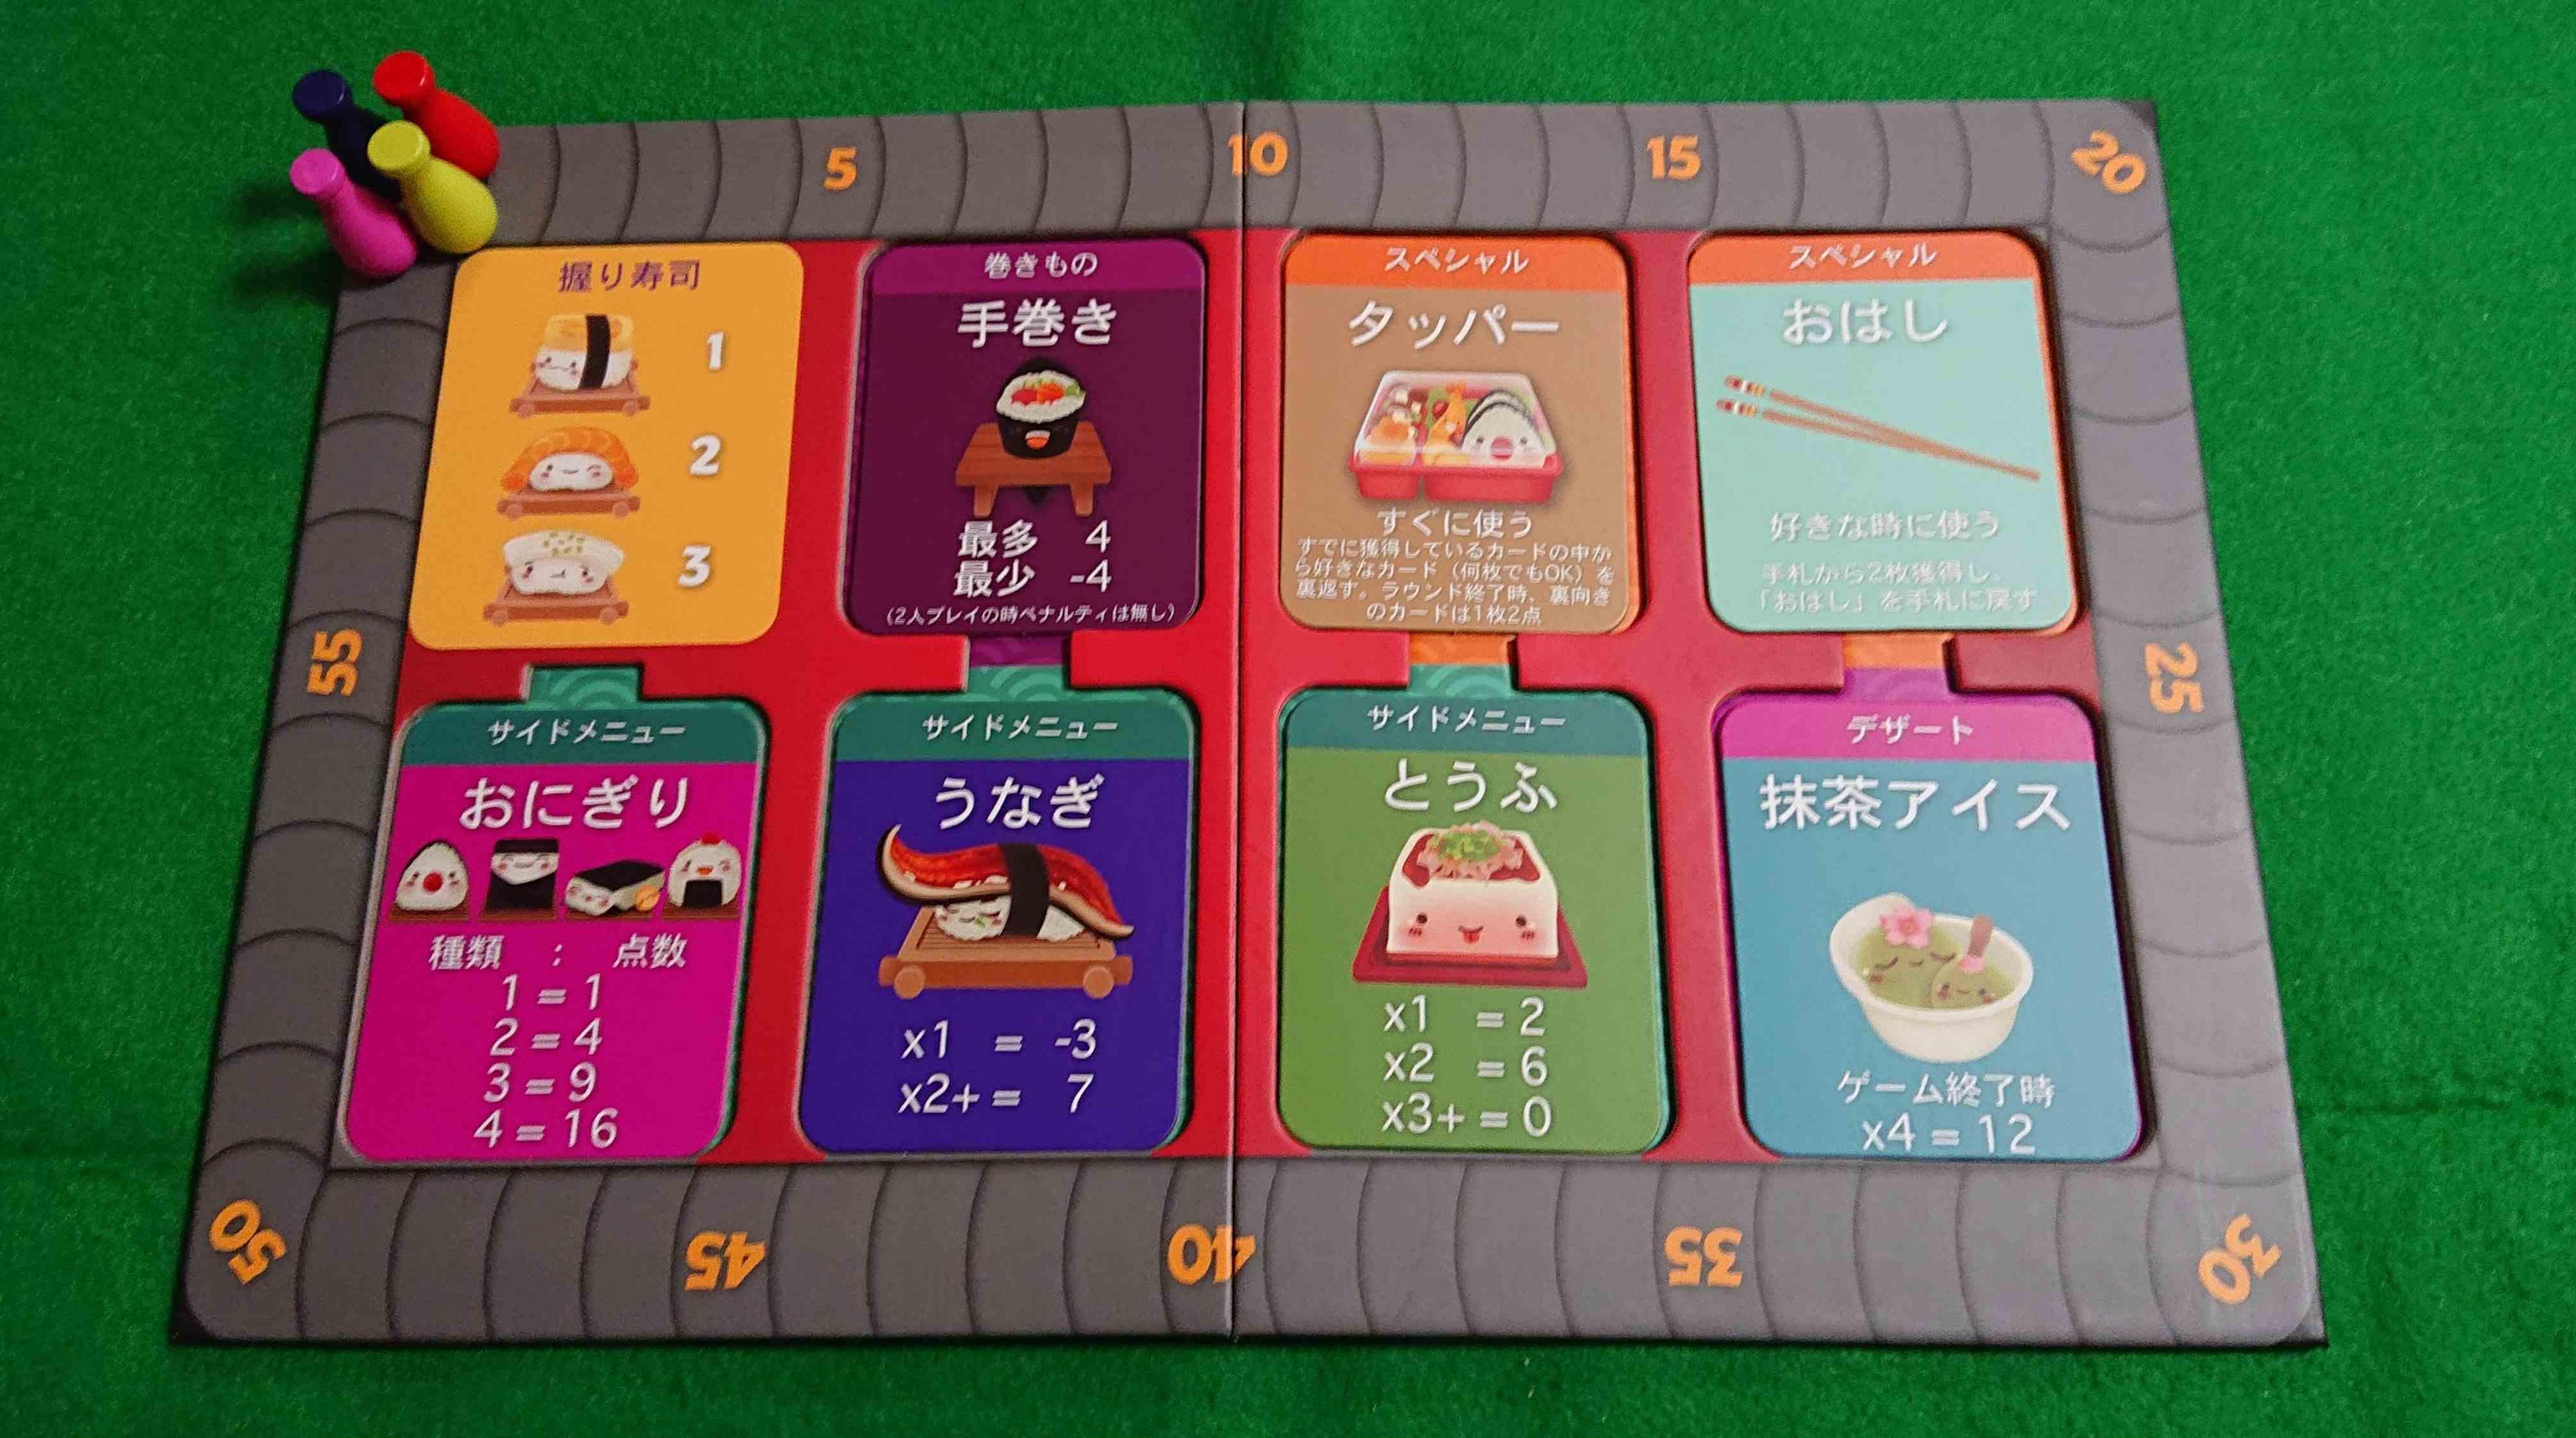 すしごーパーティー! お寿司の種類が増えた「すしごー」 カードゲーム紹介 ルール説明 ボードゲーム